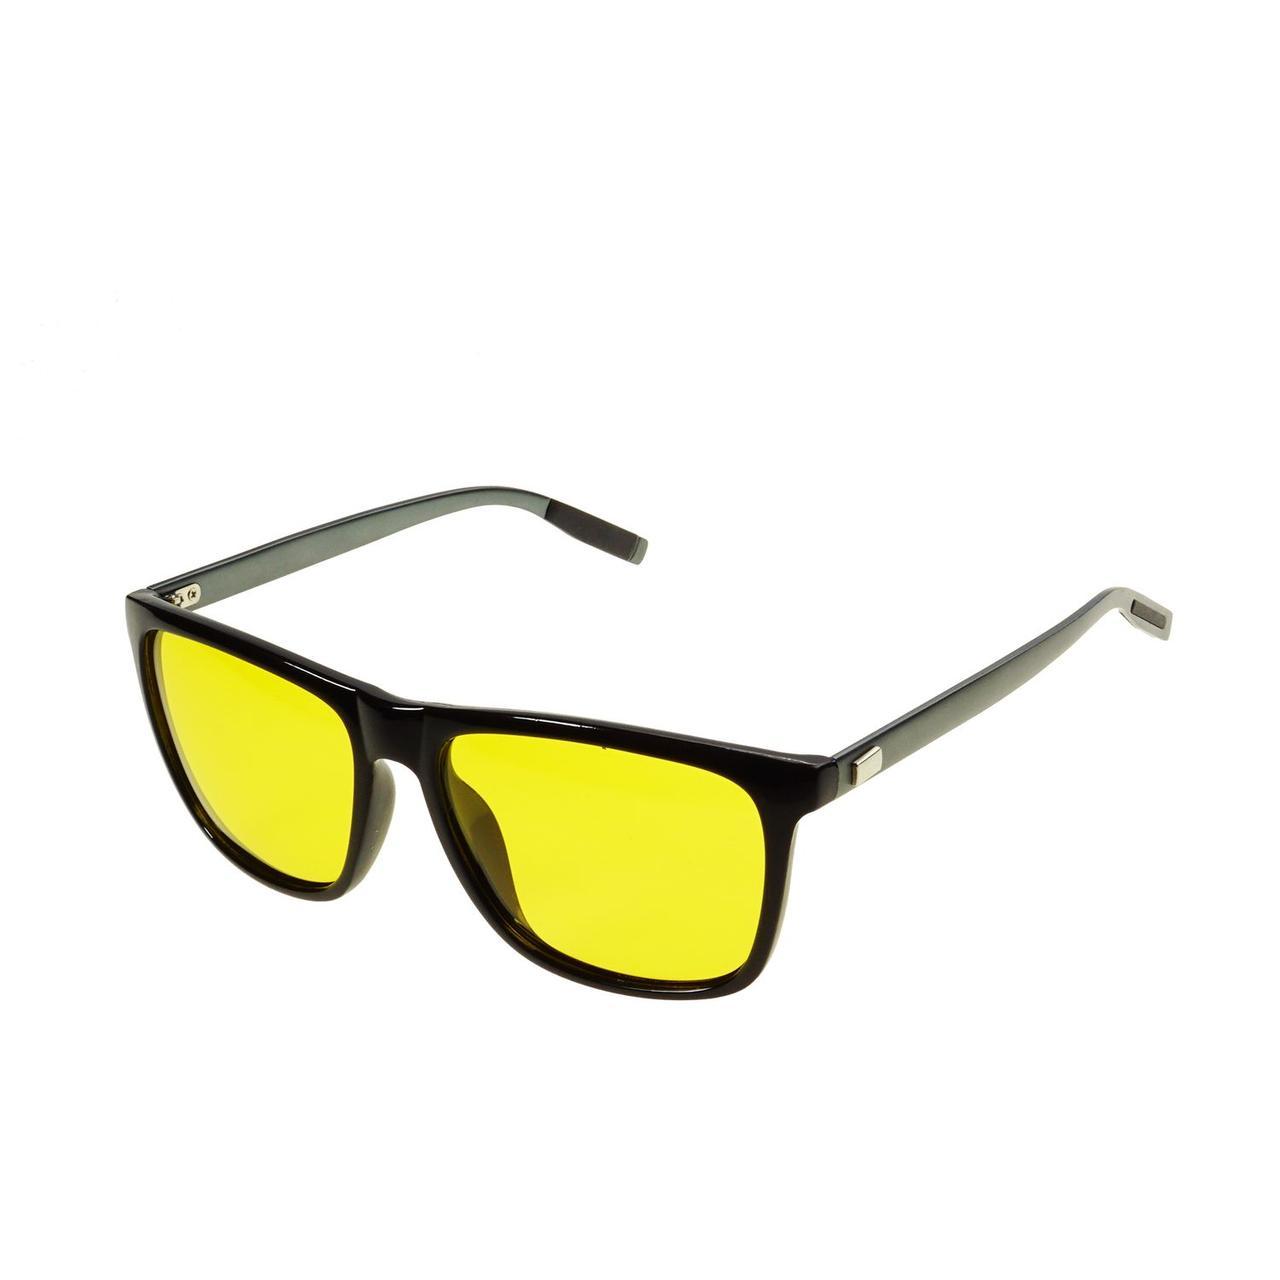 Жовті поляризаційні окуляри для водіїв Supretto антиблікові окуляри для рибалки (желтые фотохромные очки)